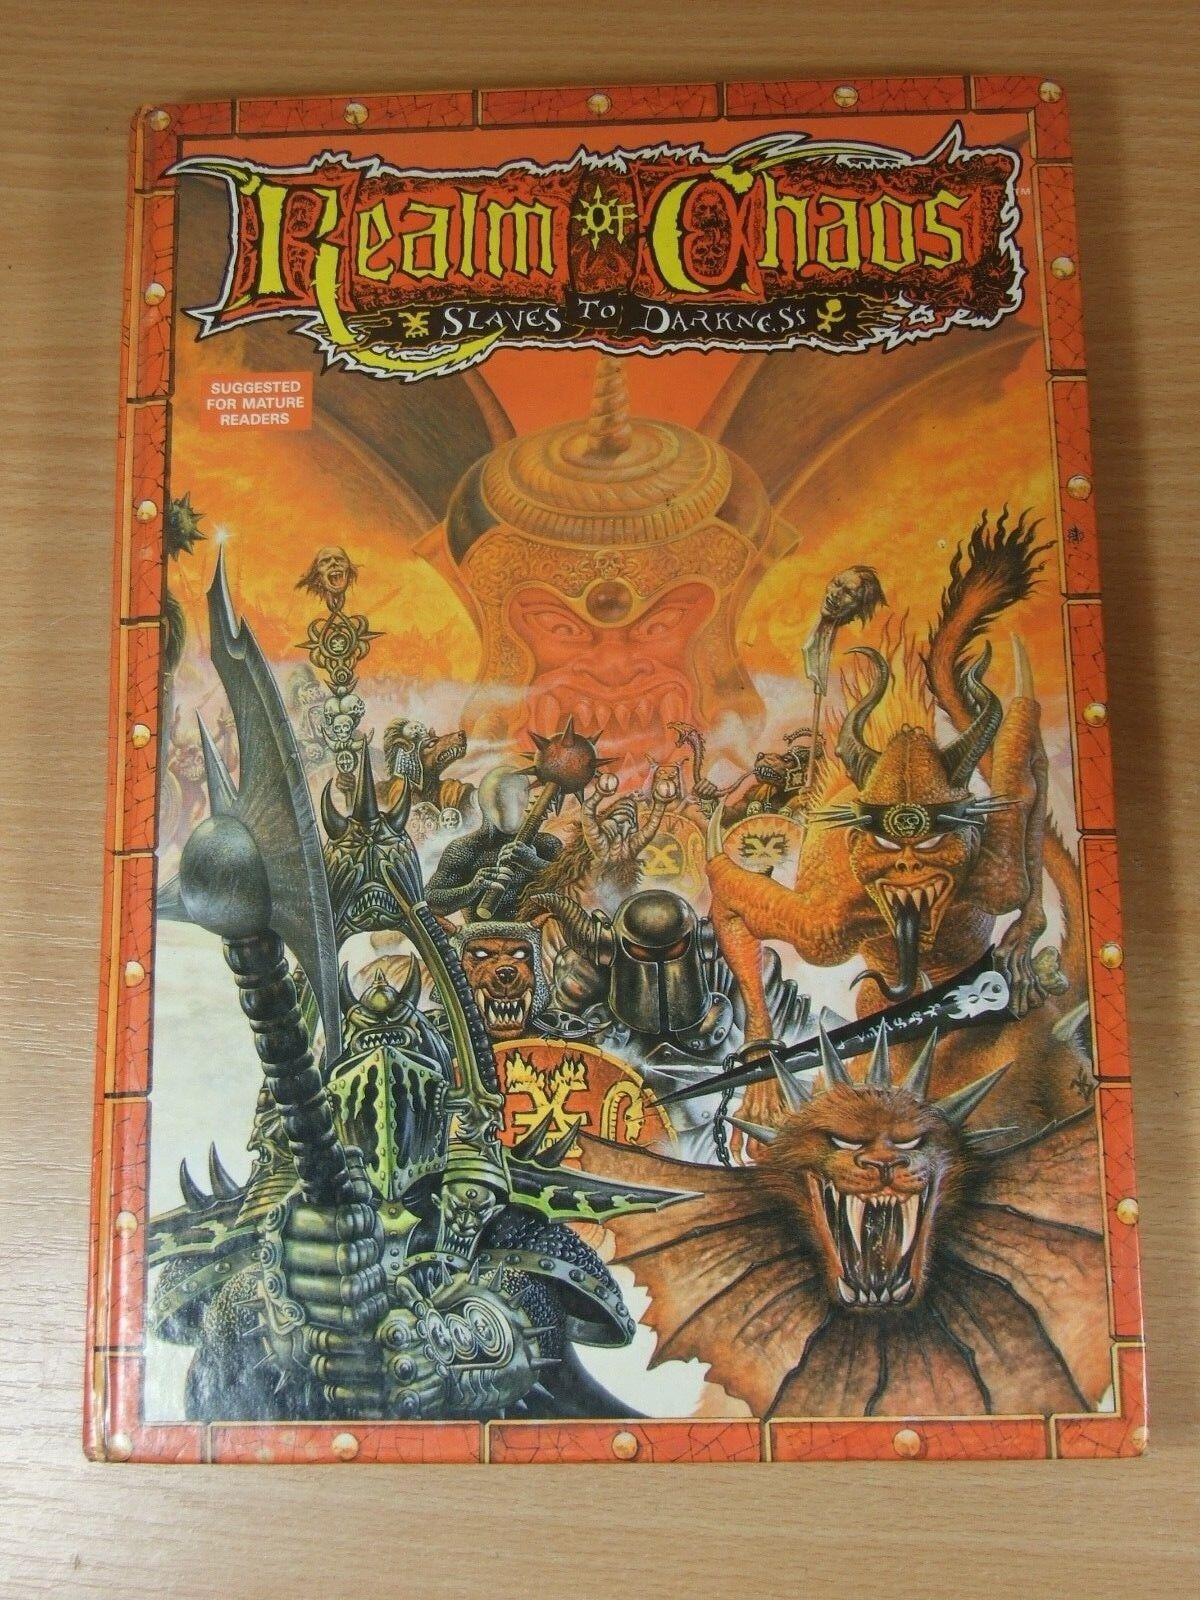 ordenar ahora Libro Tapa Tapa Tapa Dura Reino del Caos de Warhammer esclavos a la oscuridad  a la venta